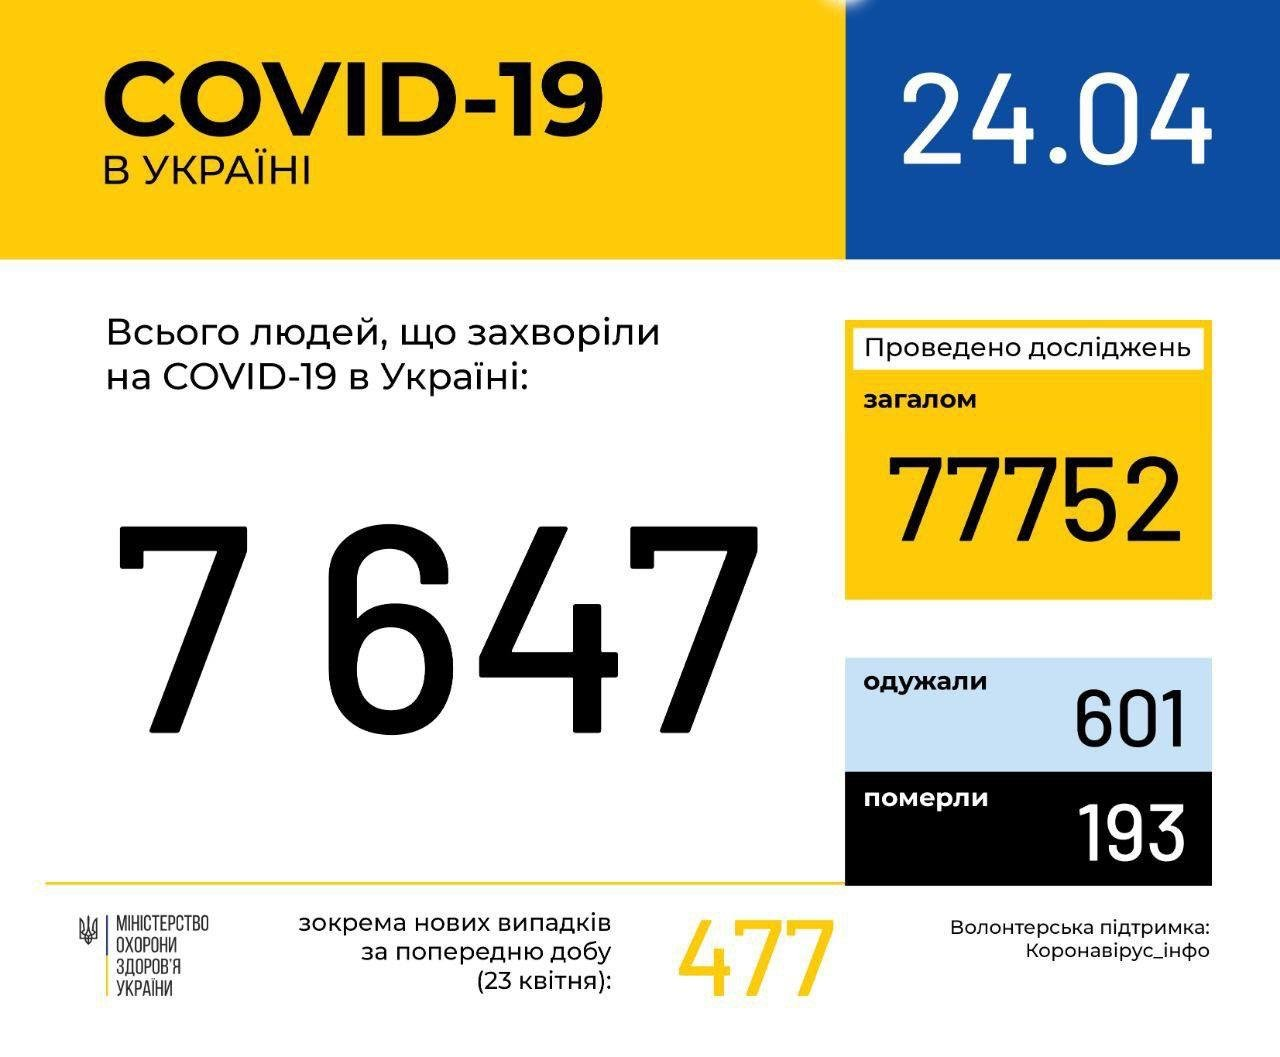 Коронавирус в Украине: за сутки зафиксировано почти полтысячи новых случаев заражения